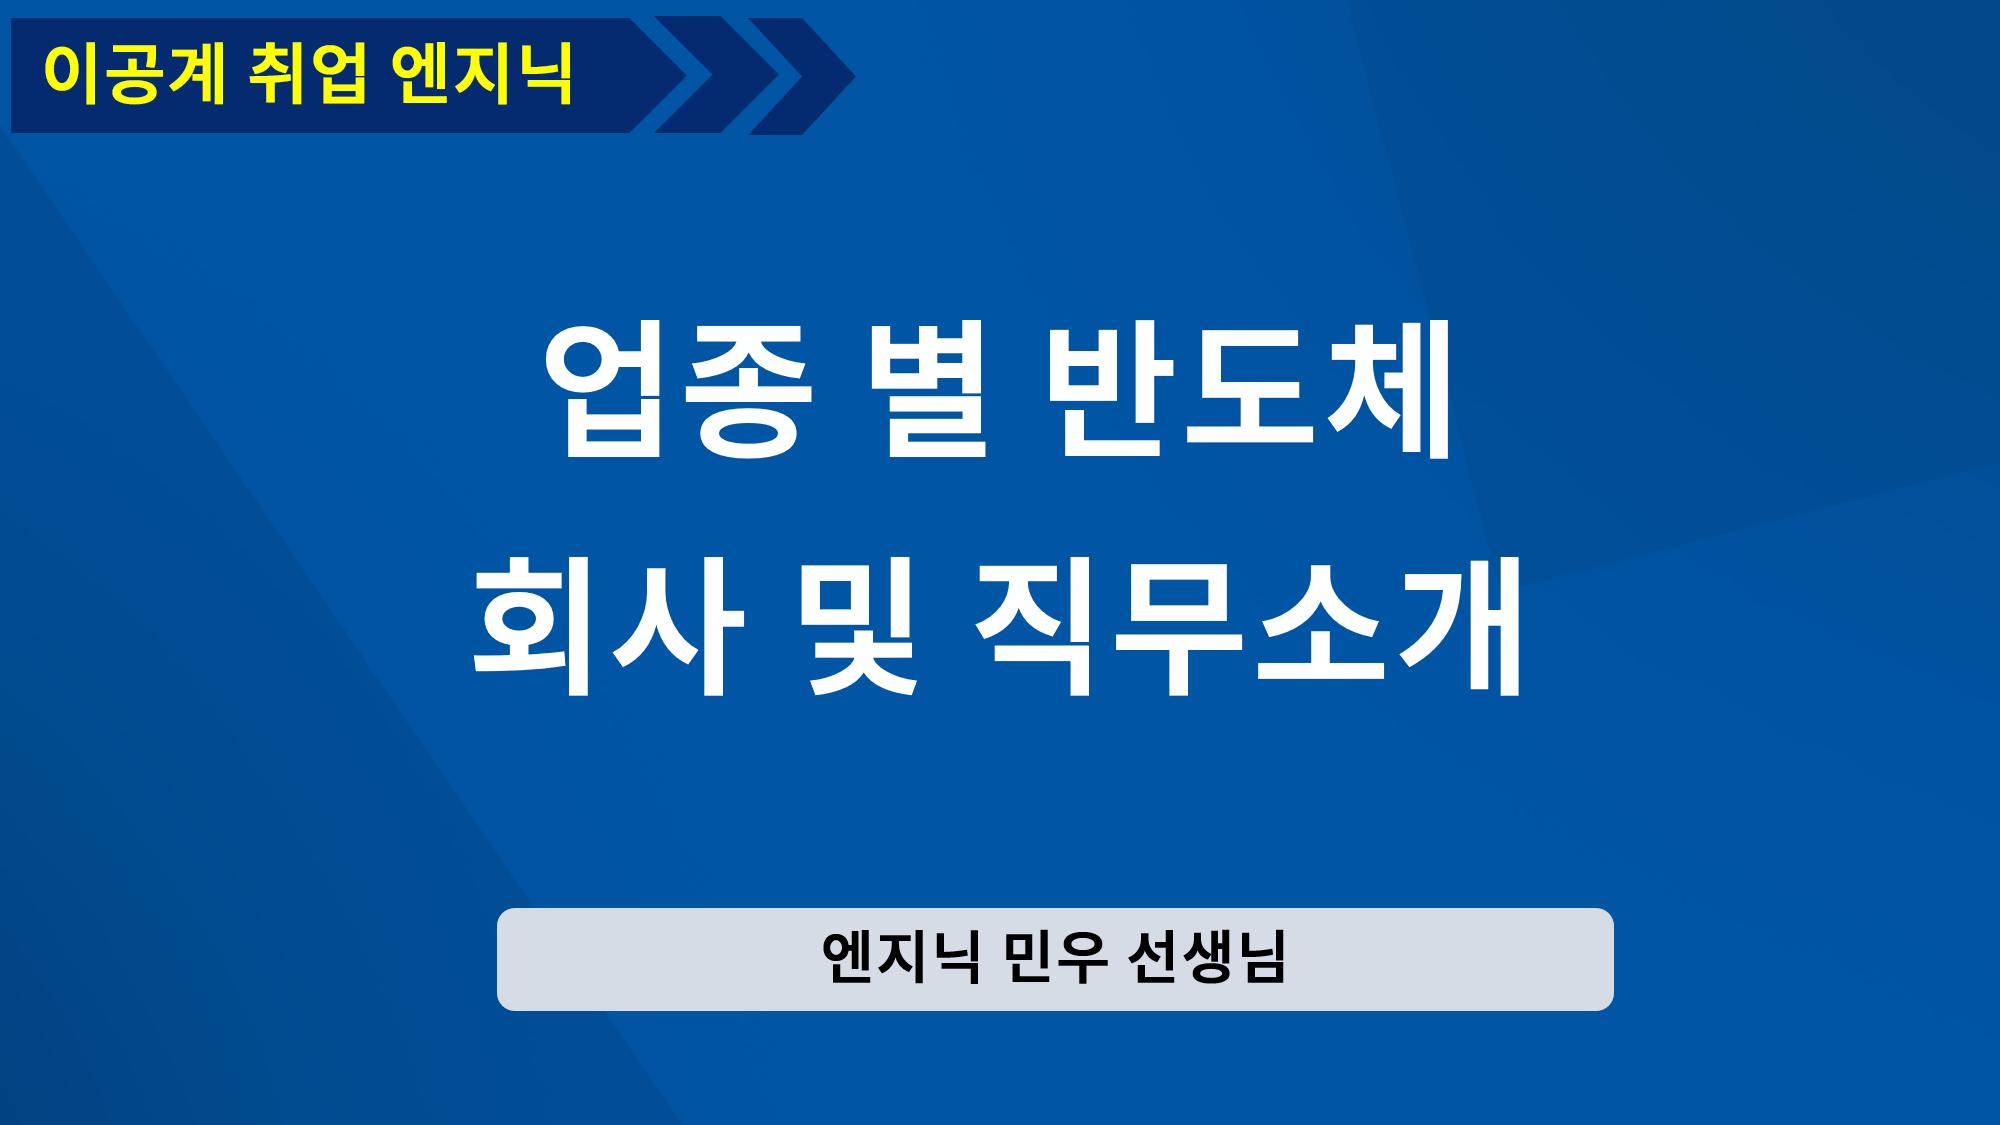 [직무소개] 반도체 현직자 민우의 업종별 반도체 회사 및 직무소개